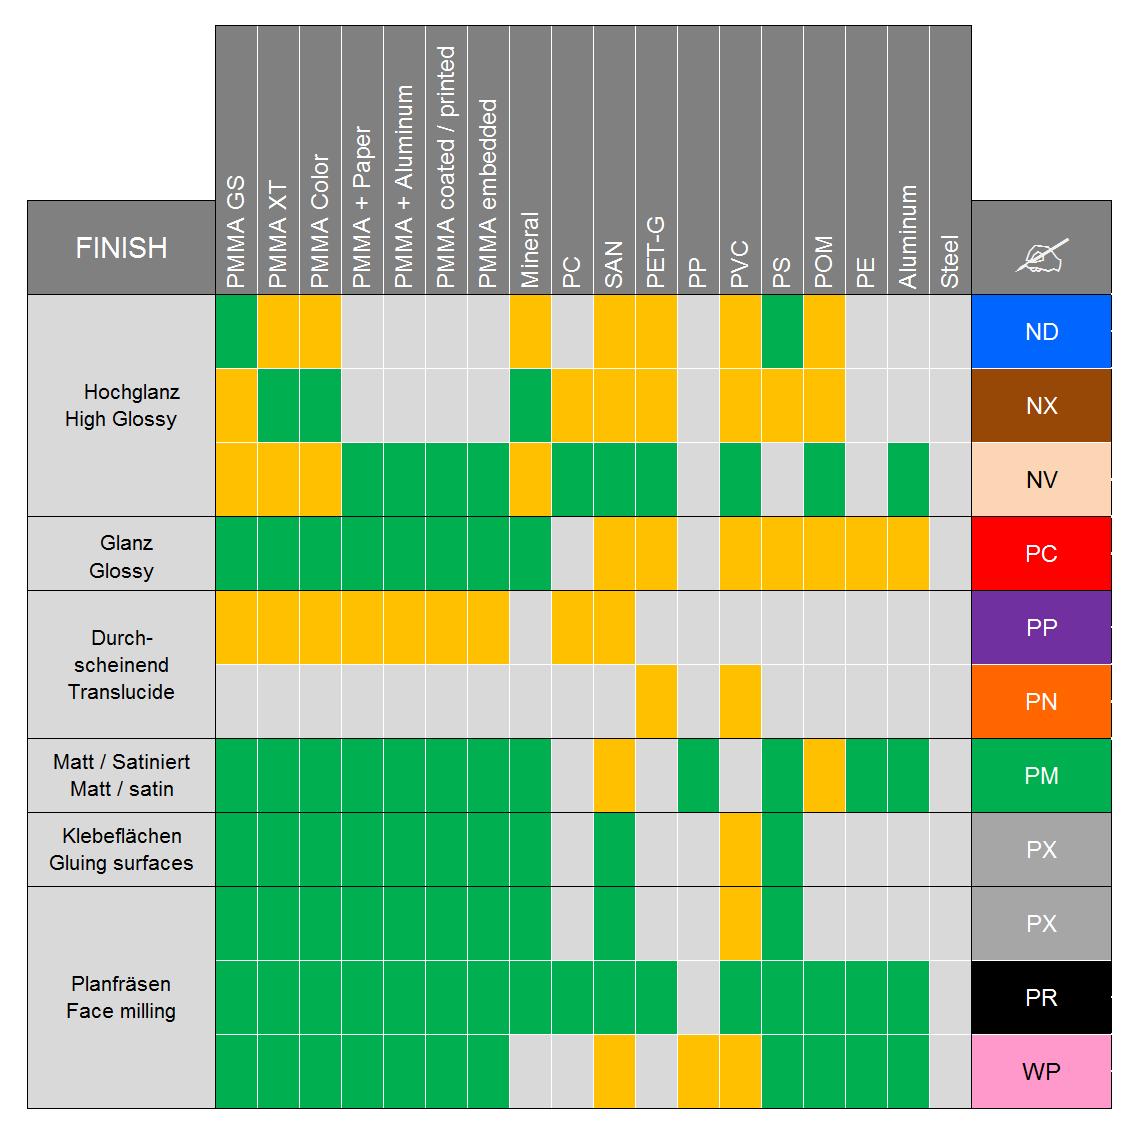 TABELLE ES Werkzeuge für Kantenpoliermaschinen